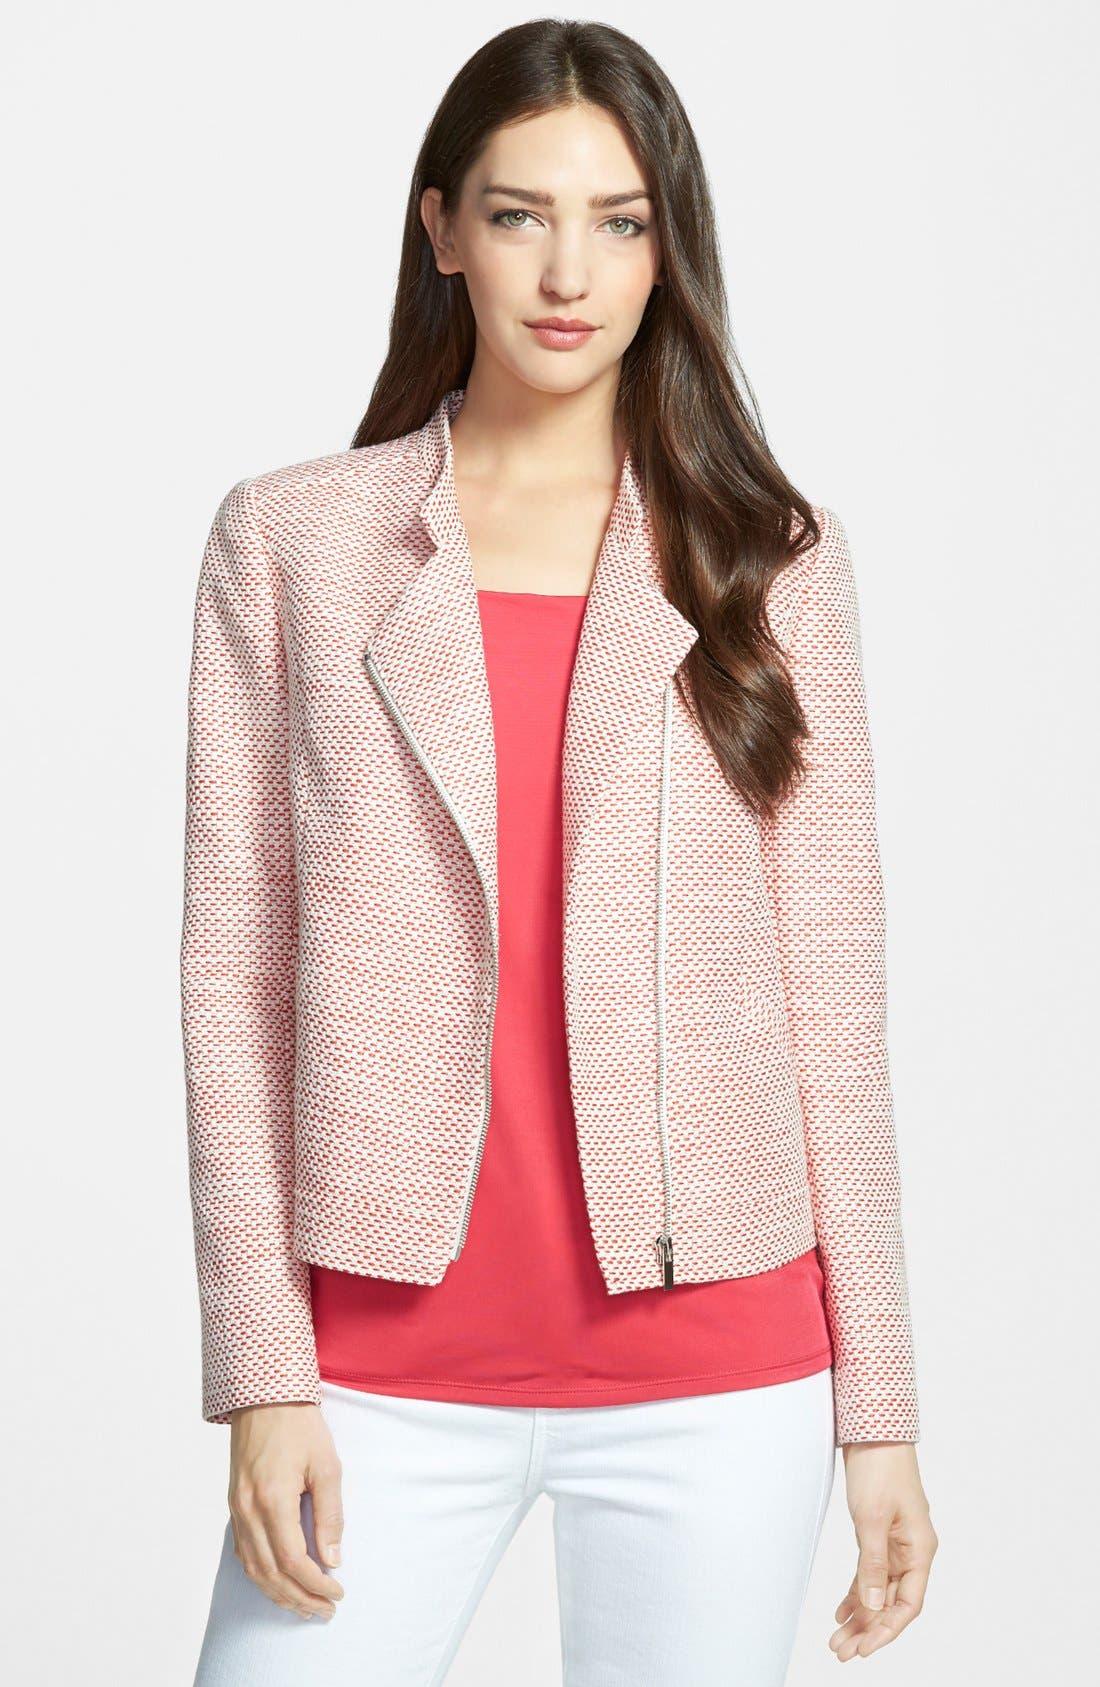 Alternate Image 1 Selected - Classiques Entier® Tweed Front Zip Jacket (Regular & Petite)